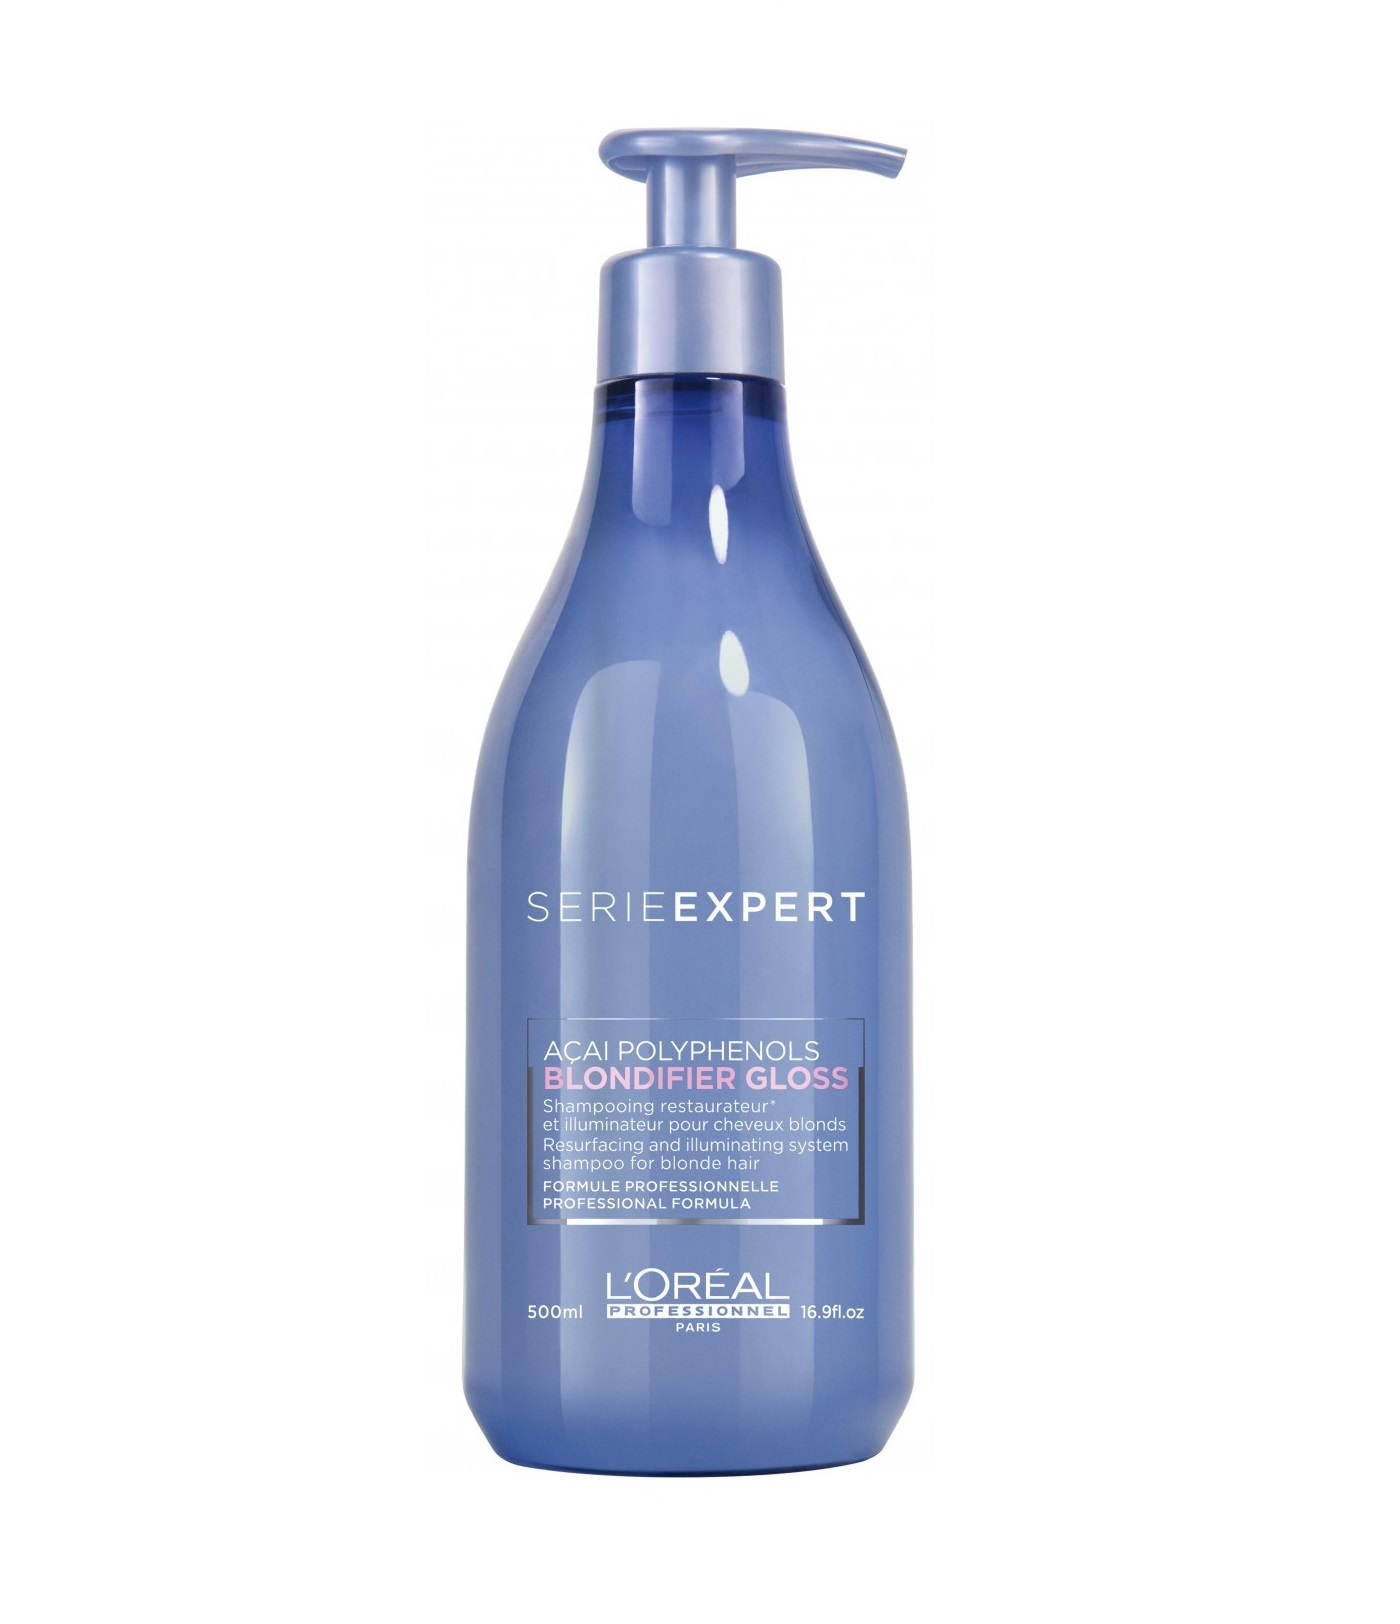 LOREAL PROFESSIONNEL Шампунь для сияния осветленных и мелированных волос / Serie Expert Blondifier Gloss 500 мл